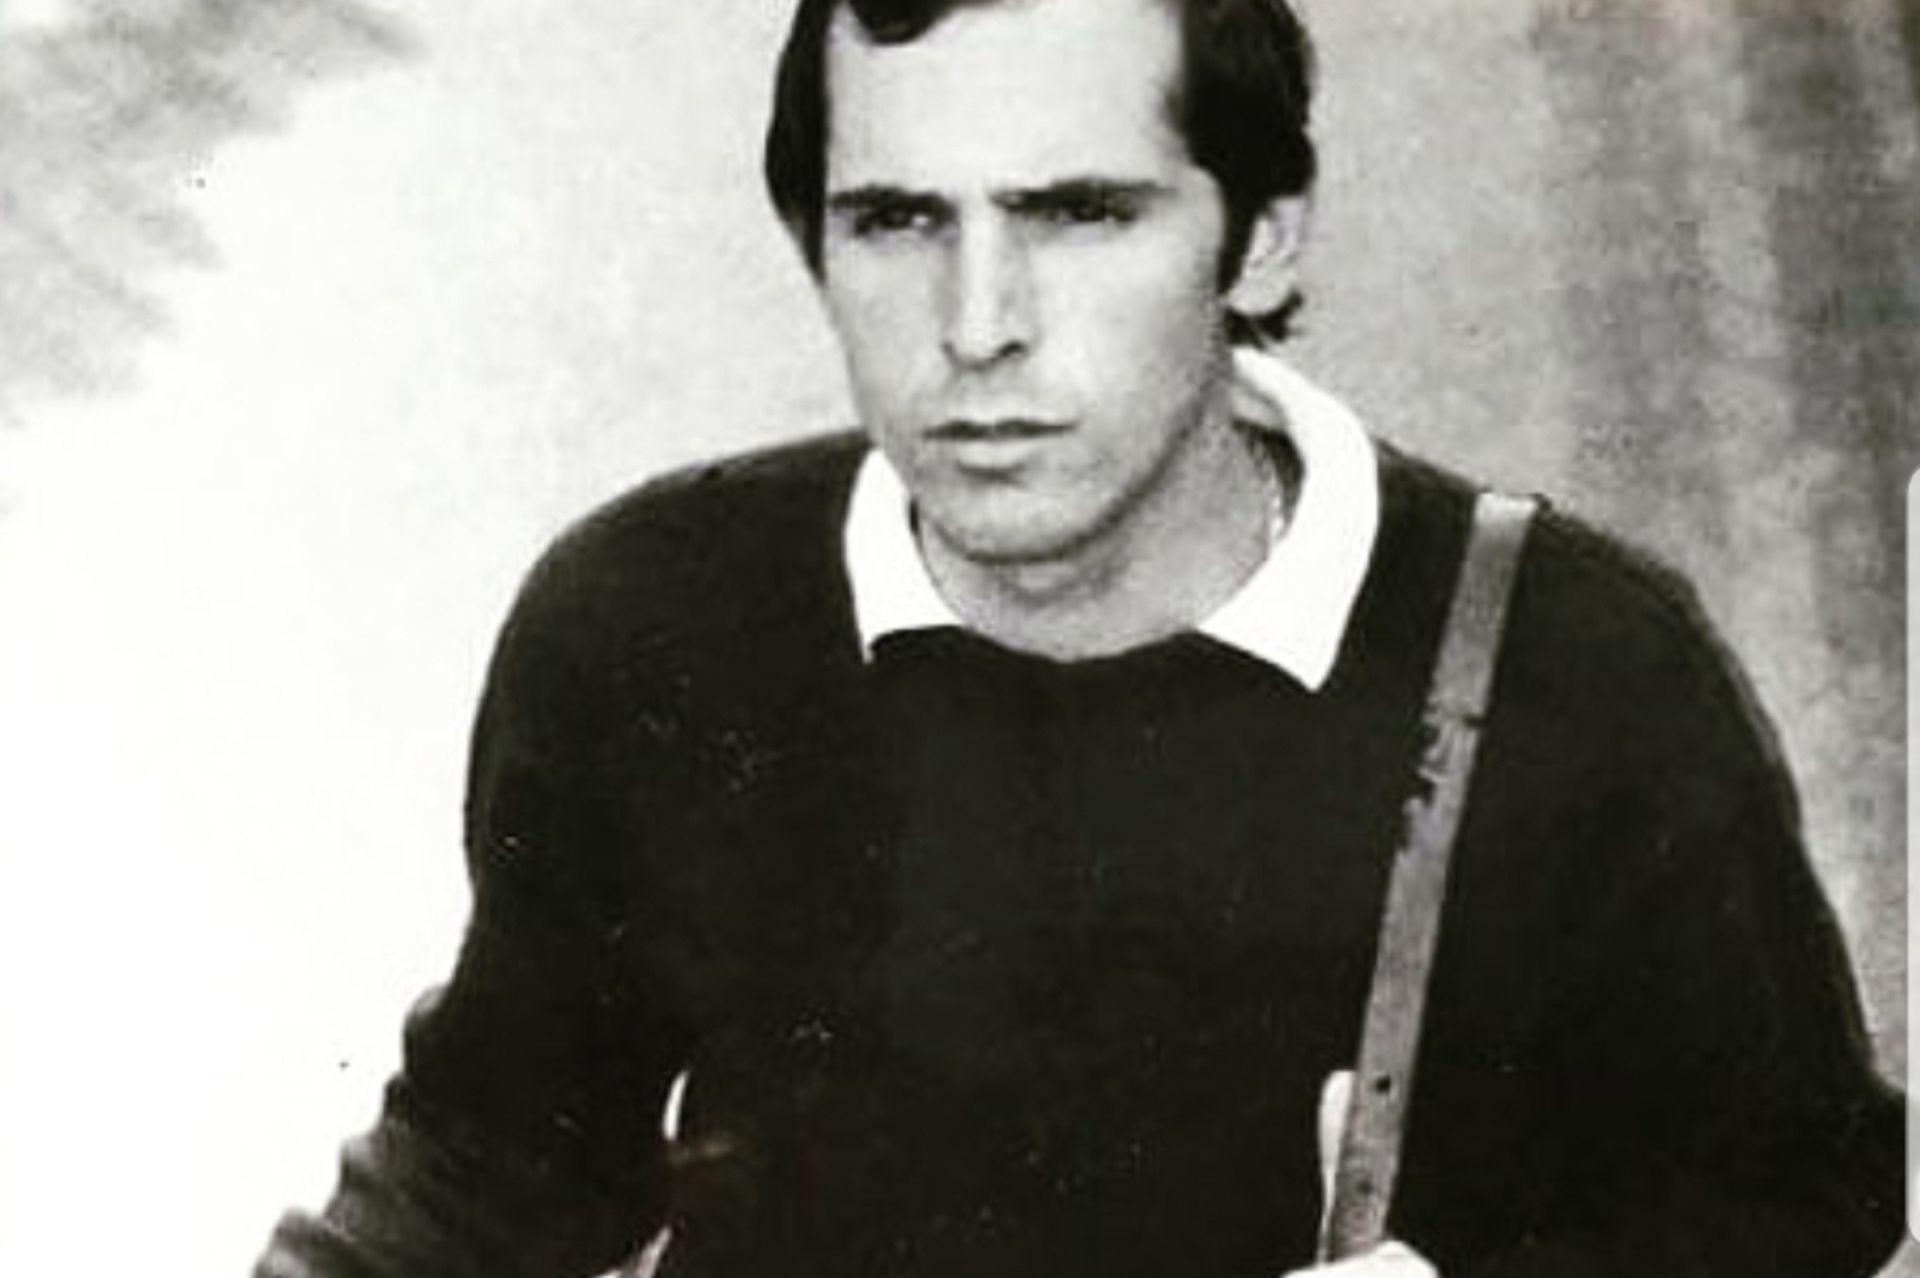 Daniel, al poco tiempo de su llegada. En la estación de subte Ópera, Madrid, 1976.